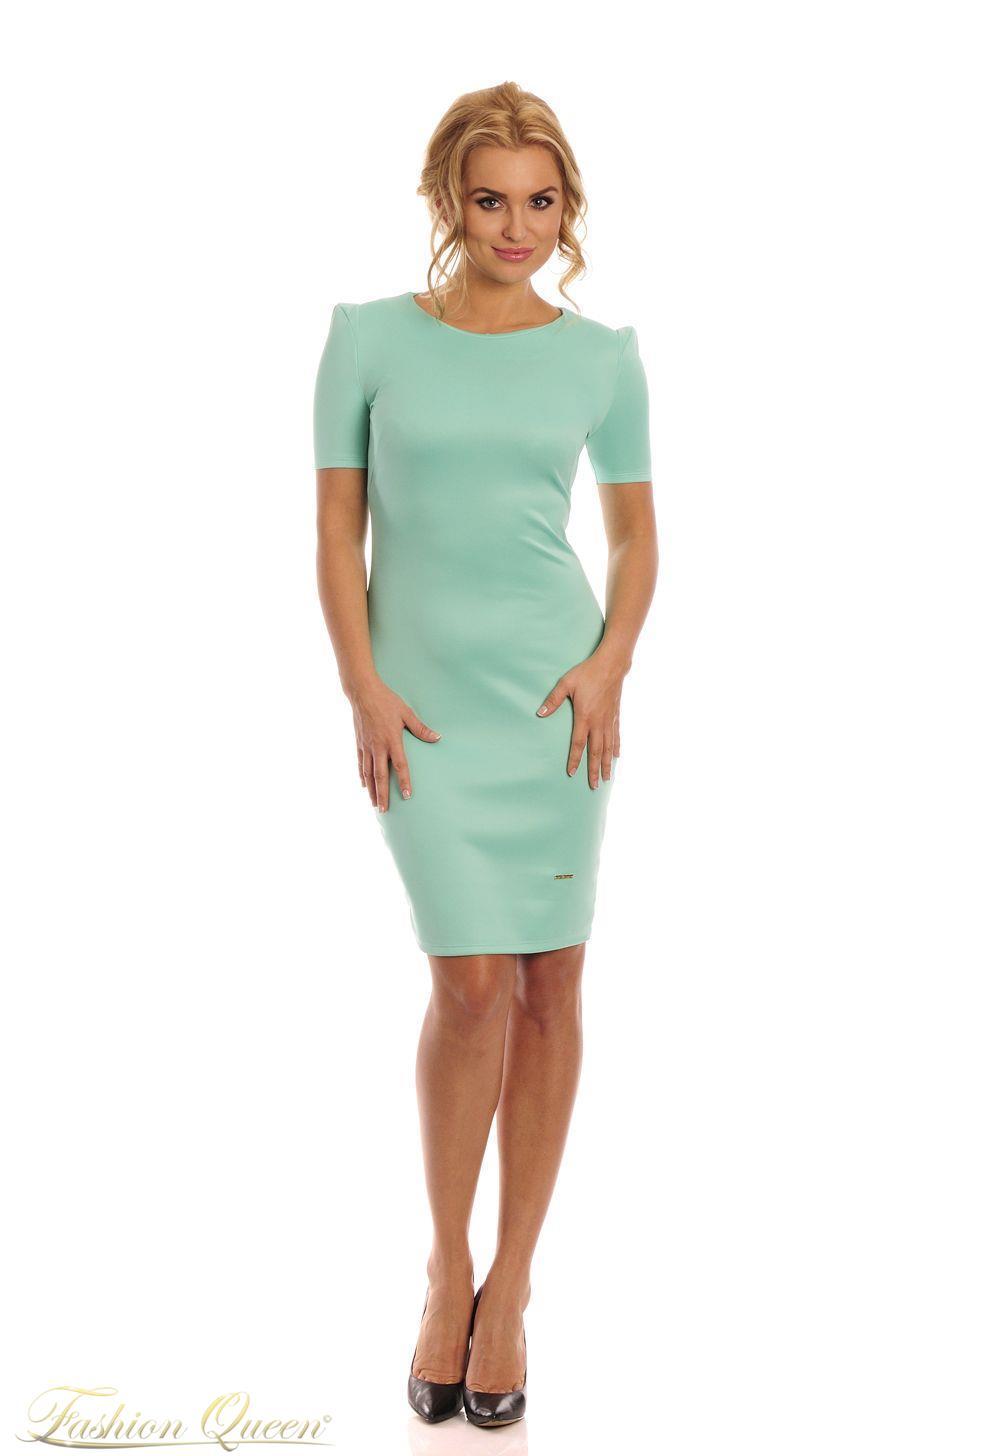 3c06f1f98489 Fashion Queen - Dámske oblečenie a móda - Elegantné šaty s rukávom